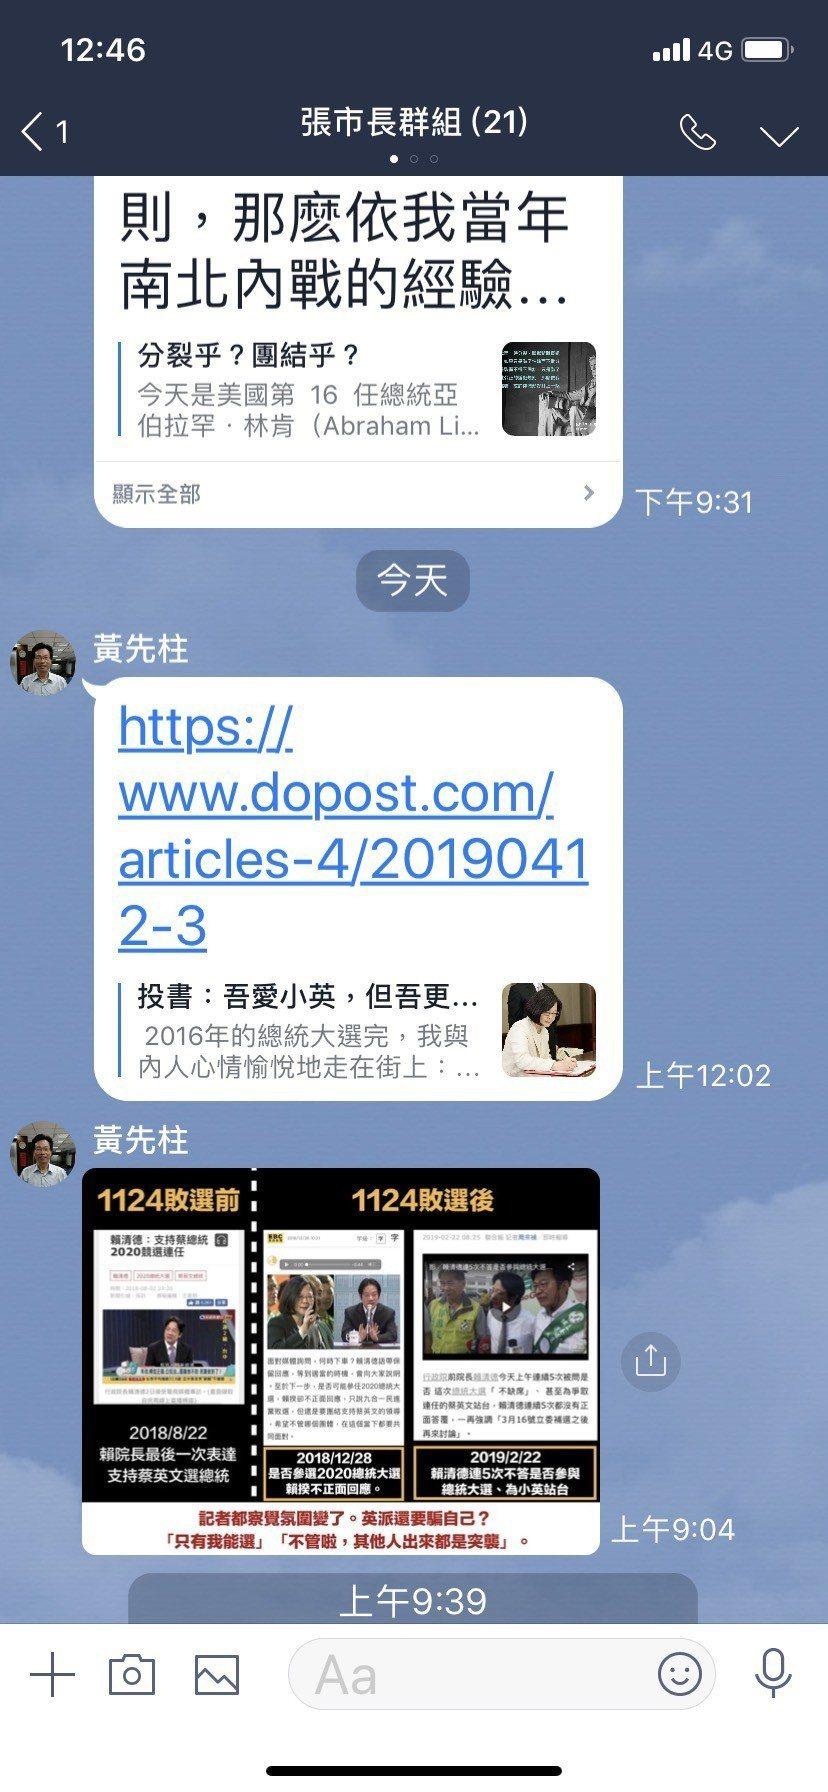 民進黨台南市黨部主委黃先柱在LINE群組發文。 圖/取自網路